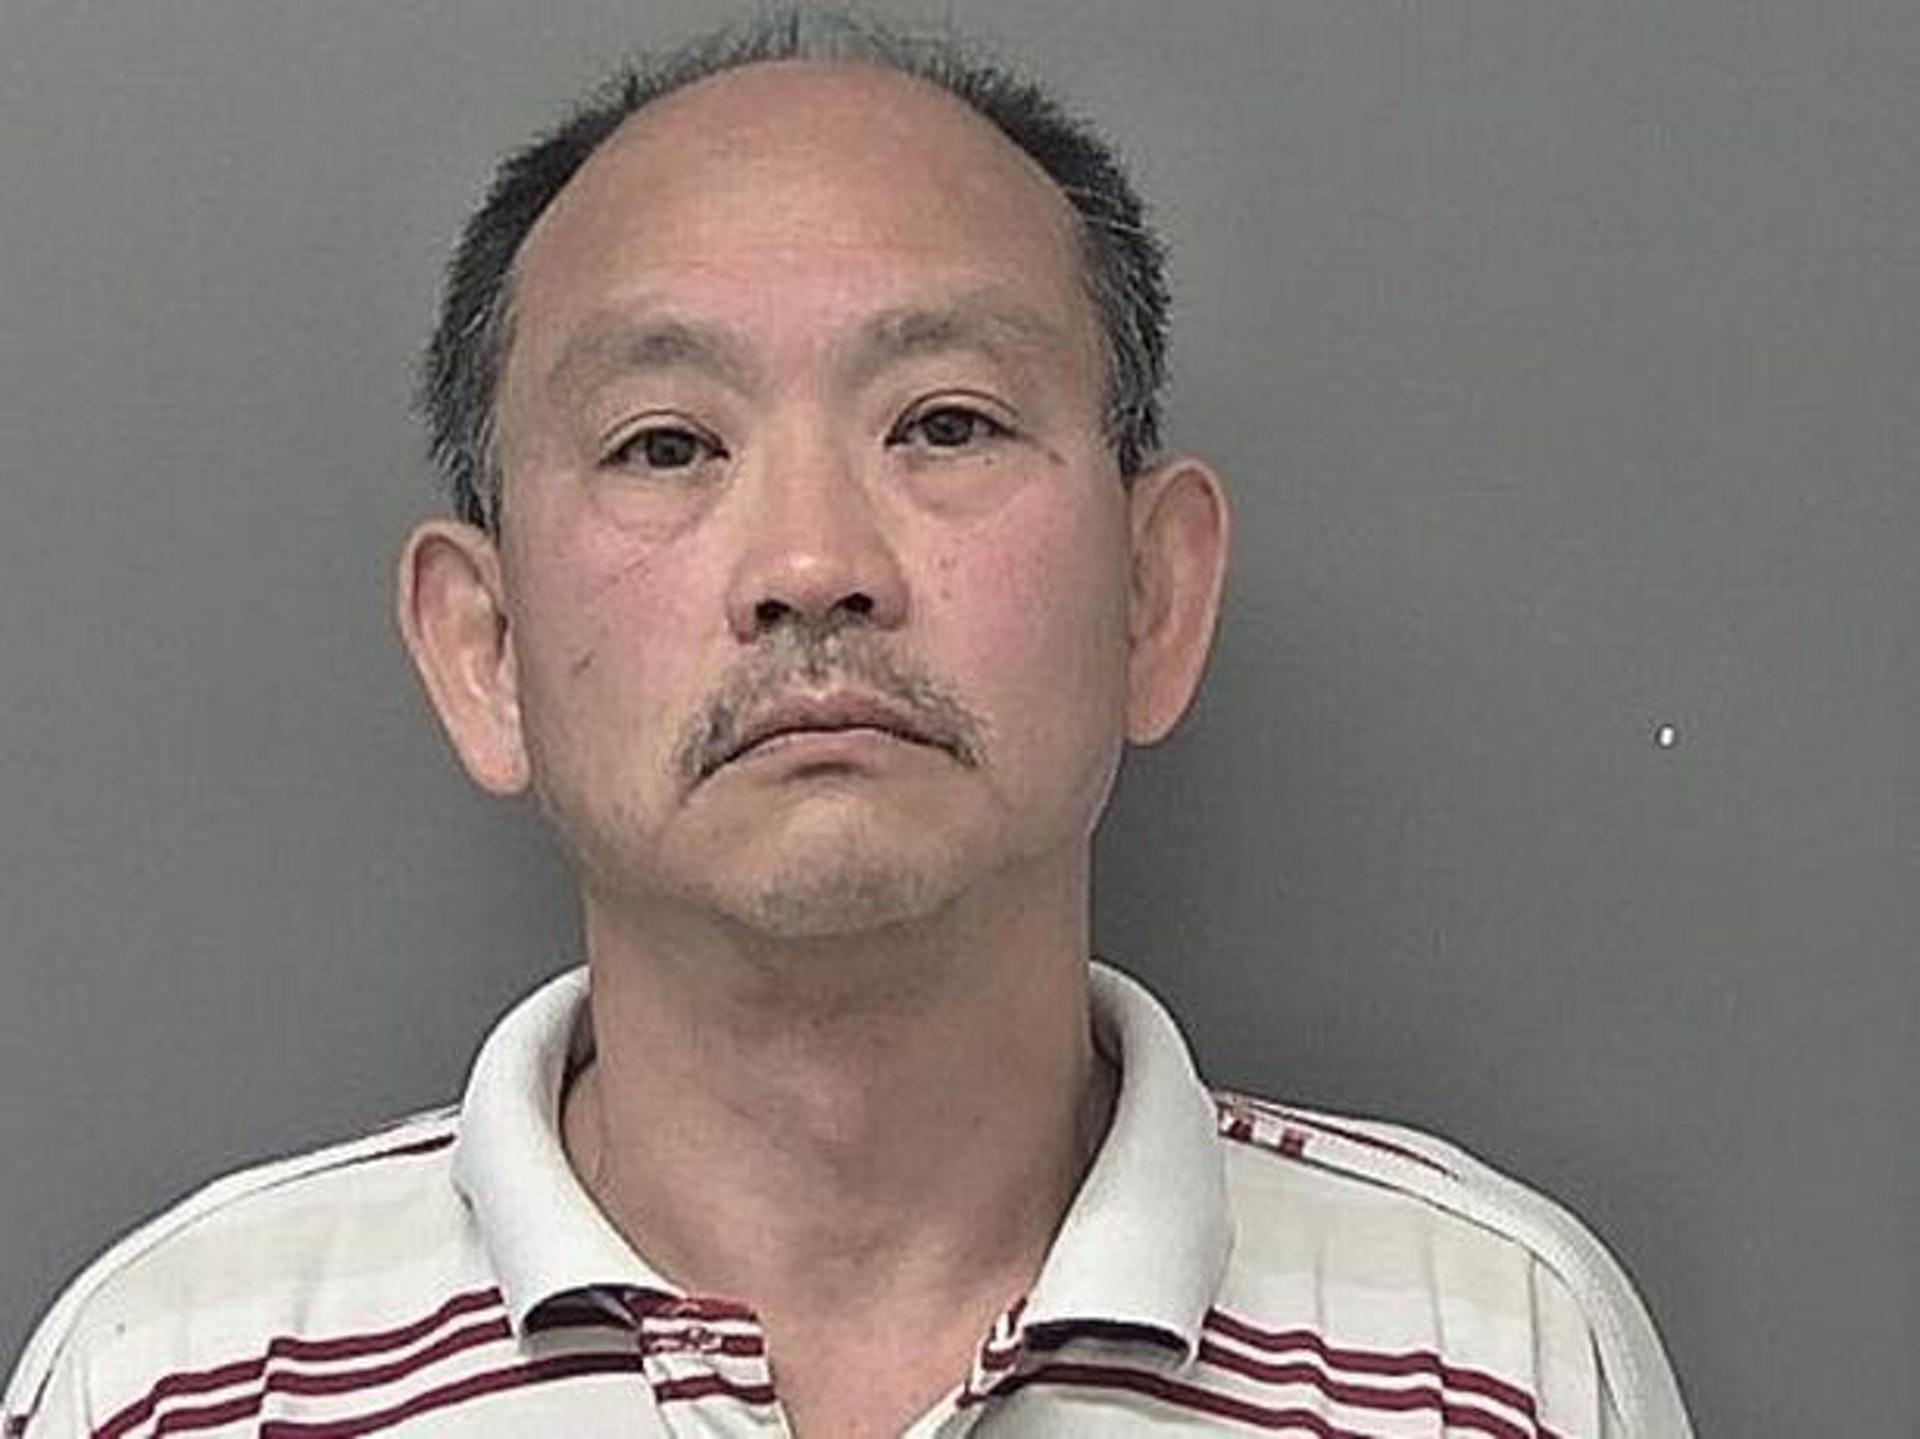 在英涉及強姦3名女子、來自香港的Ken Chik。他被控28項性侵罪,全部罪名成立。(亨伯賽德郡警方照片)